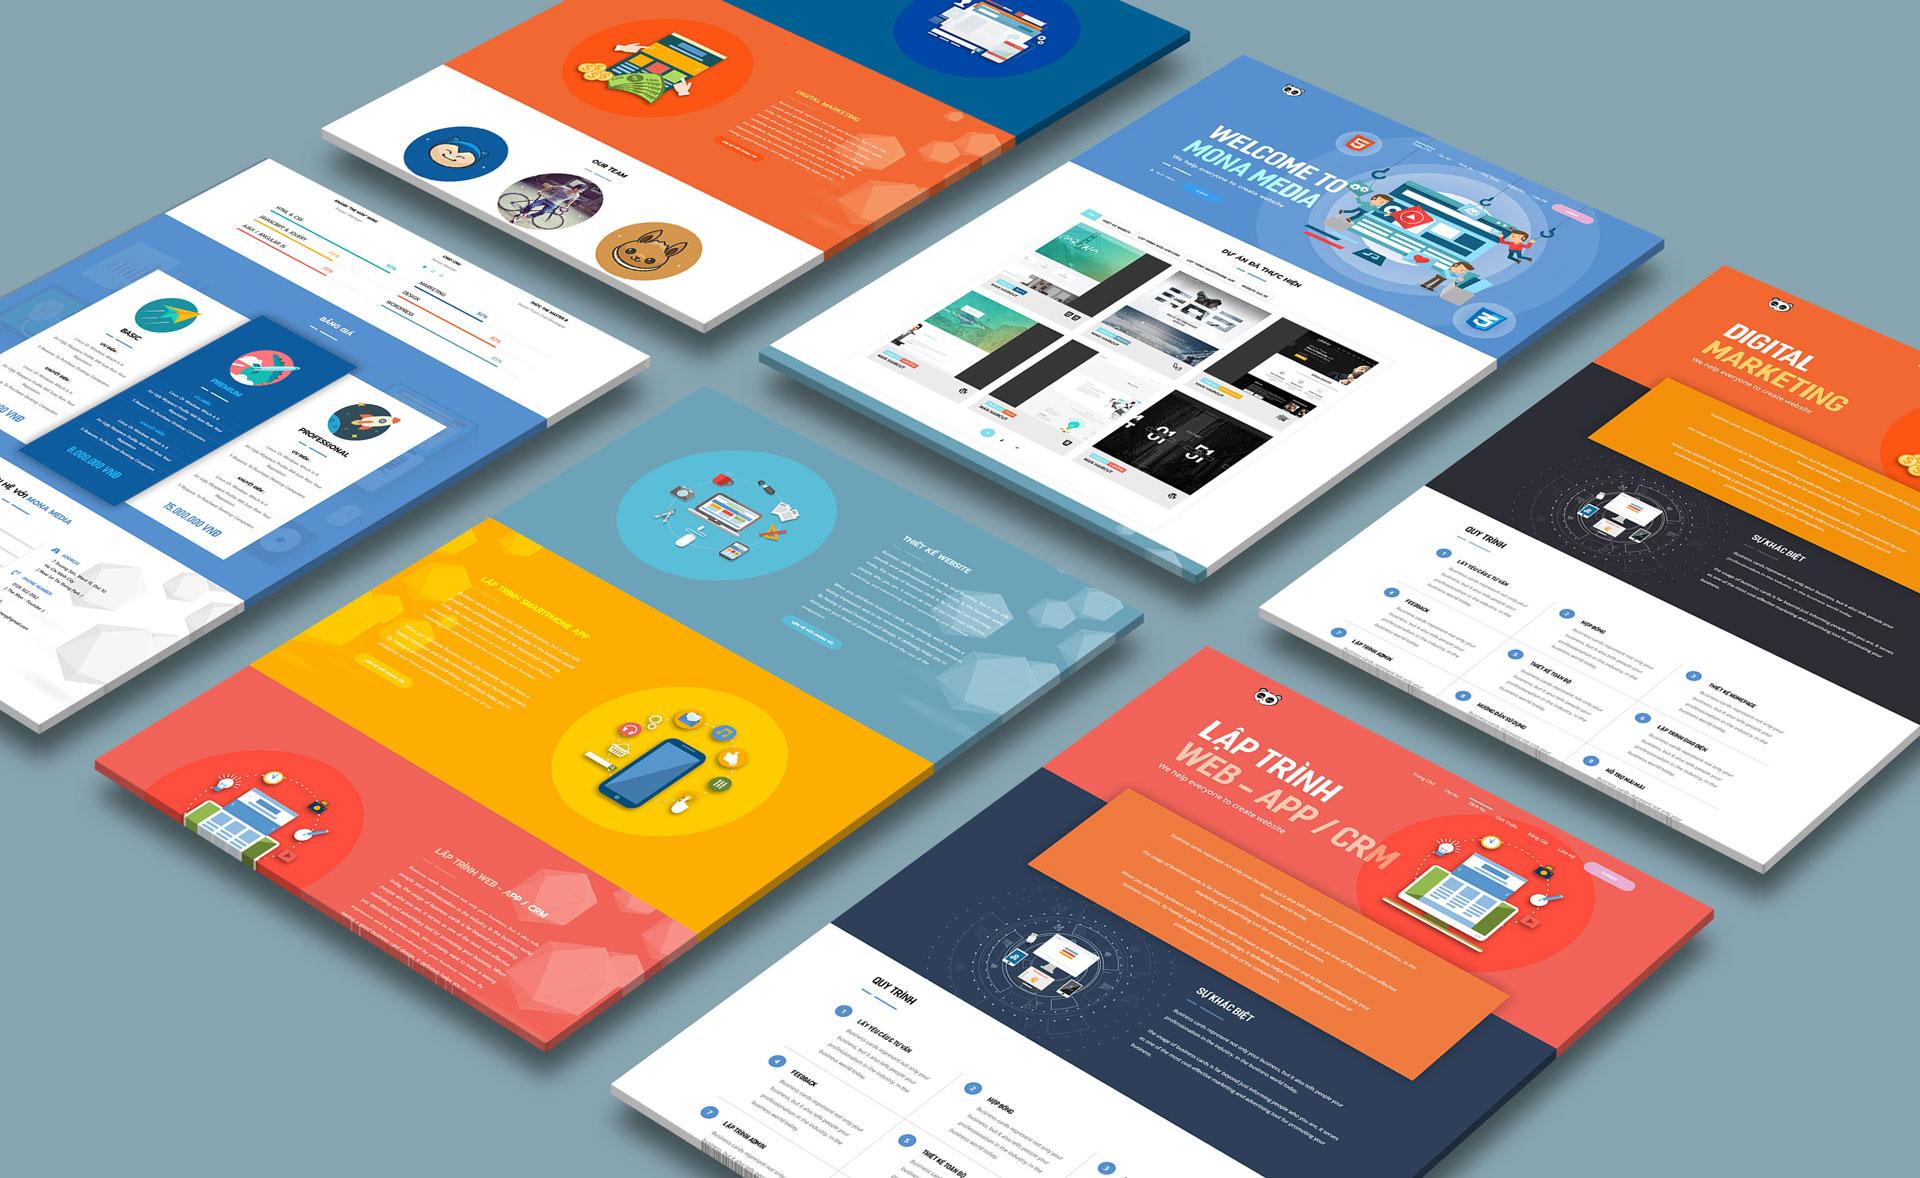 Thiết kế website cho người mới